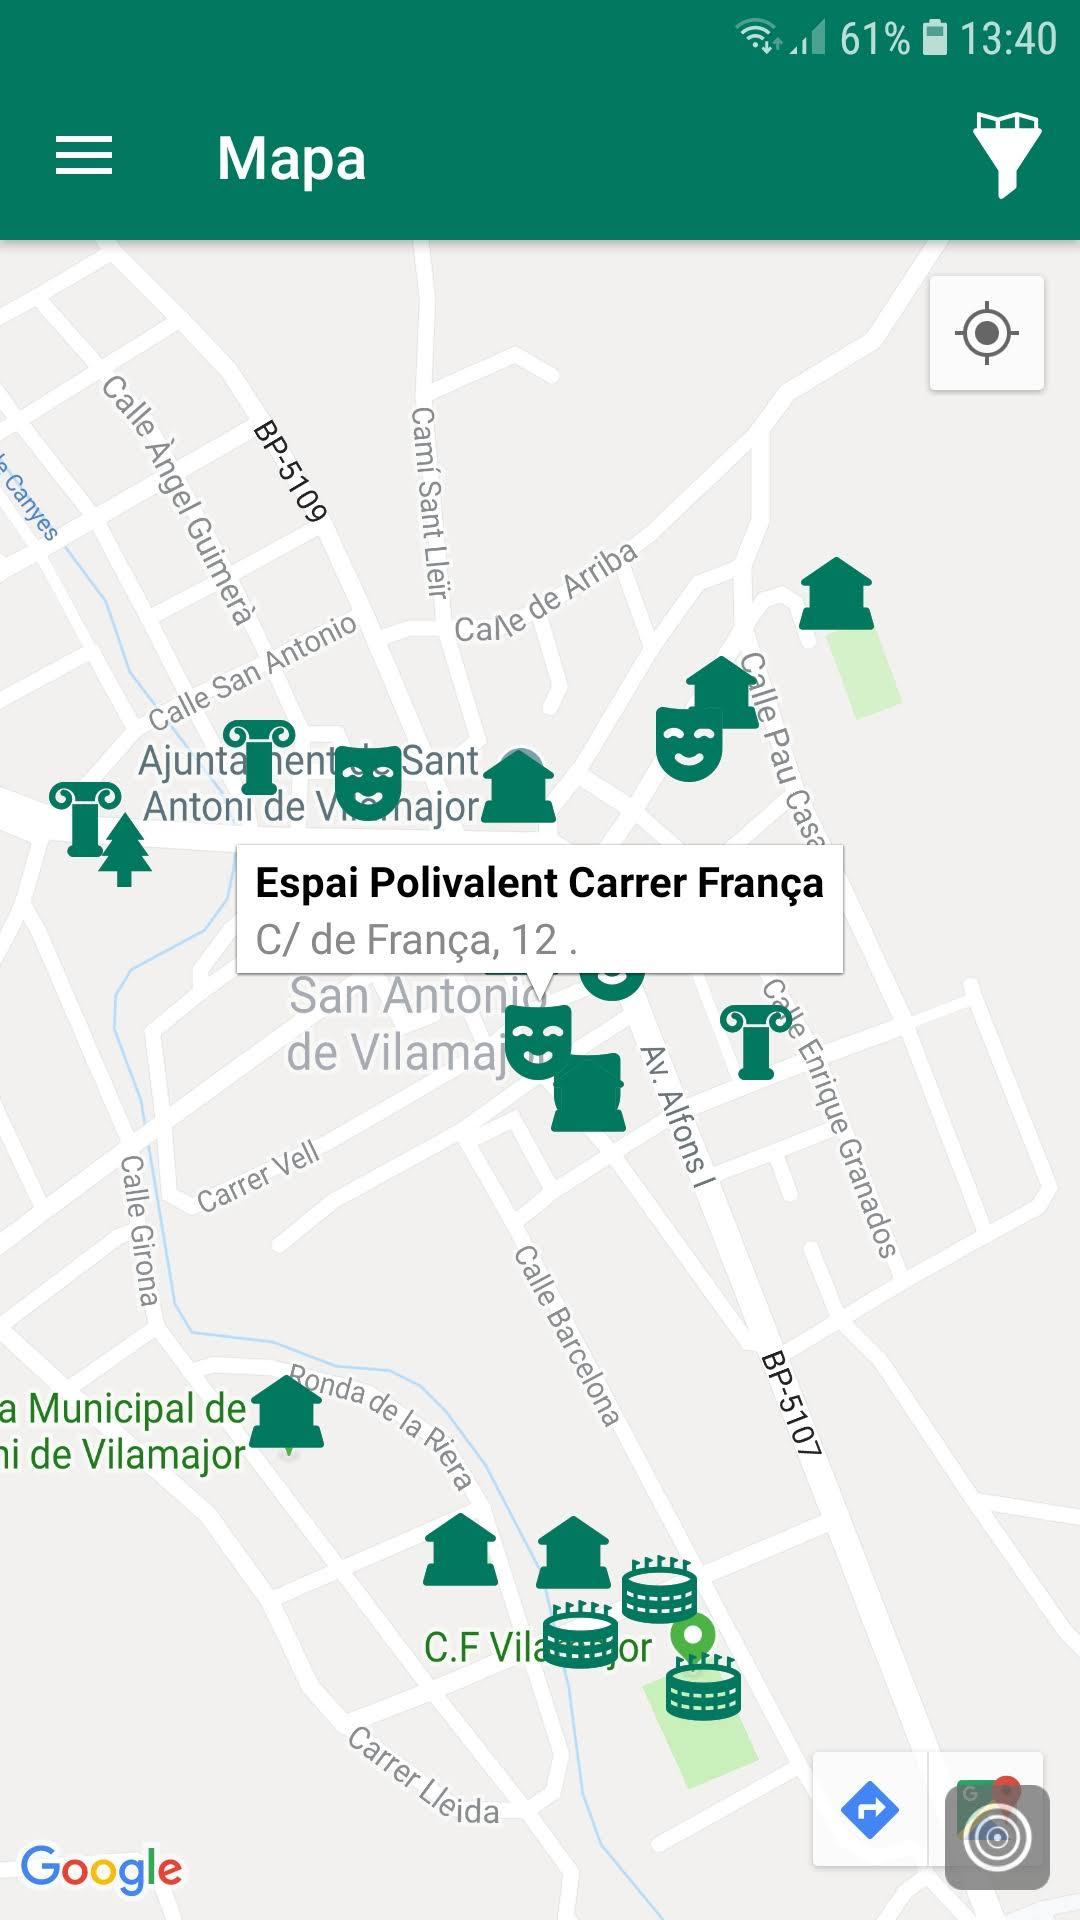 mapa appvisador city